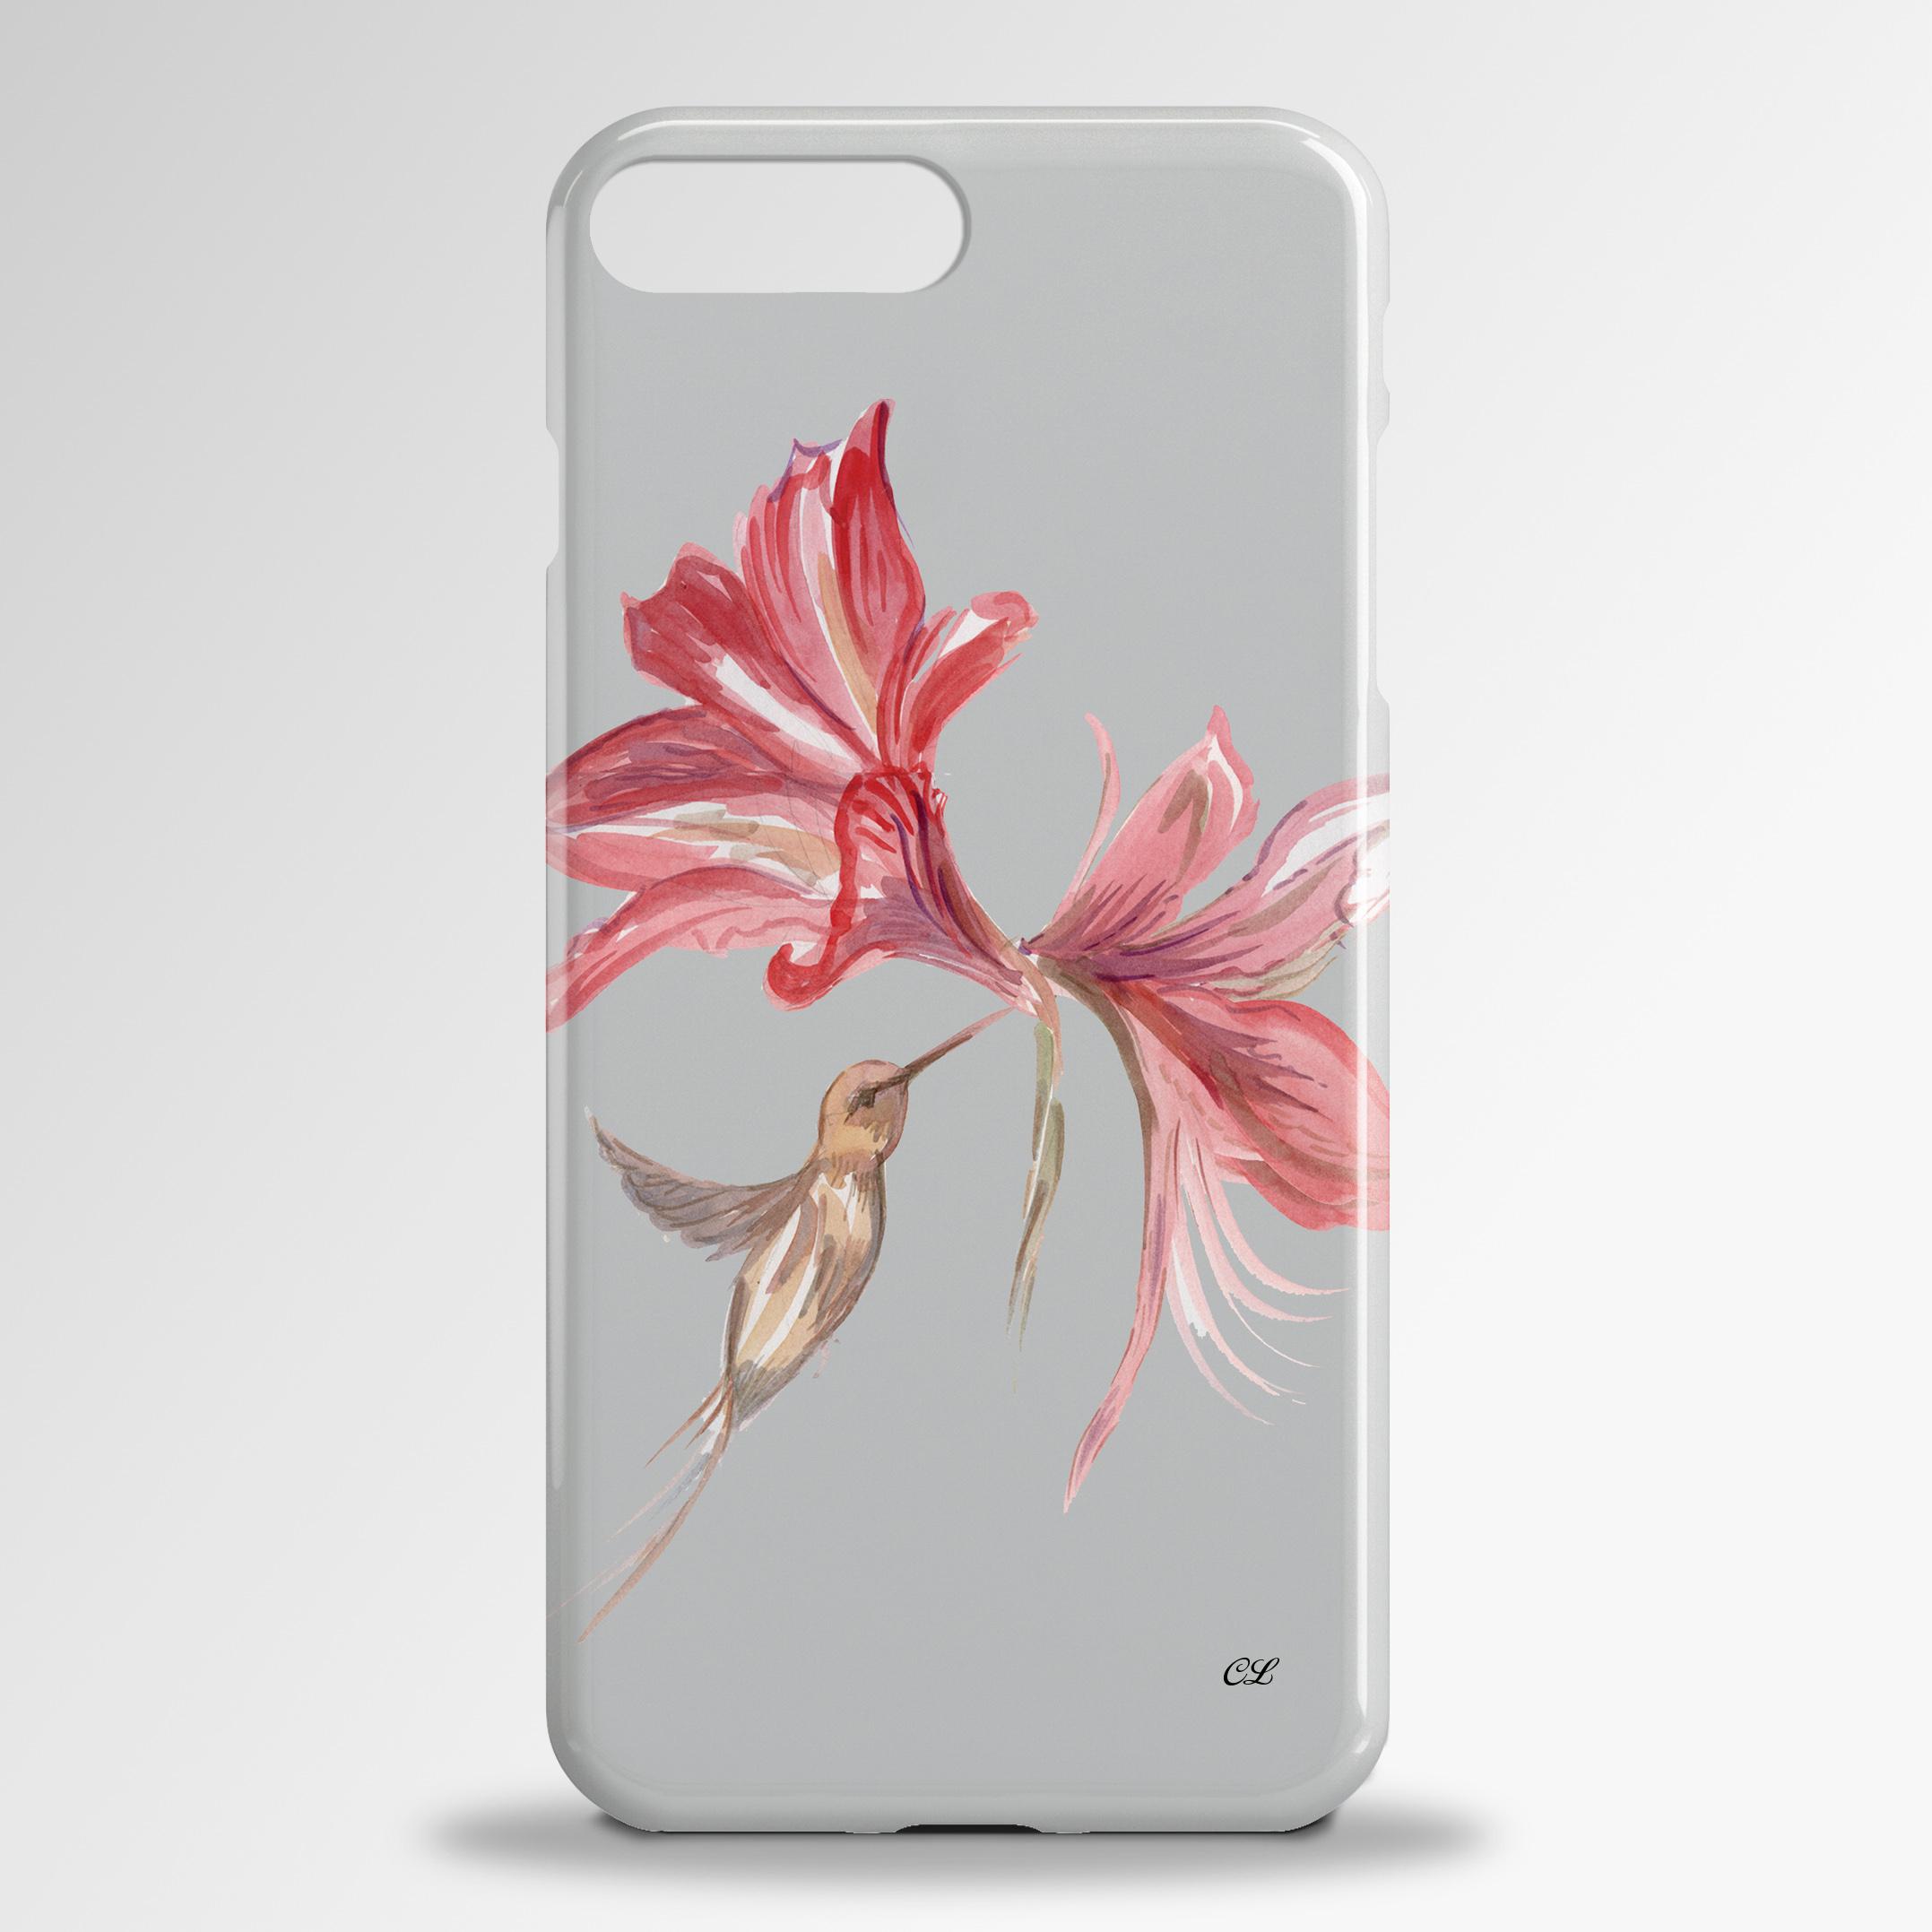 Bird Designed iPhone Cases